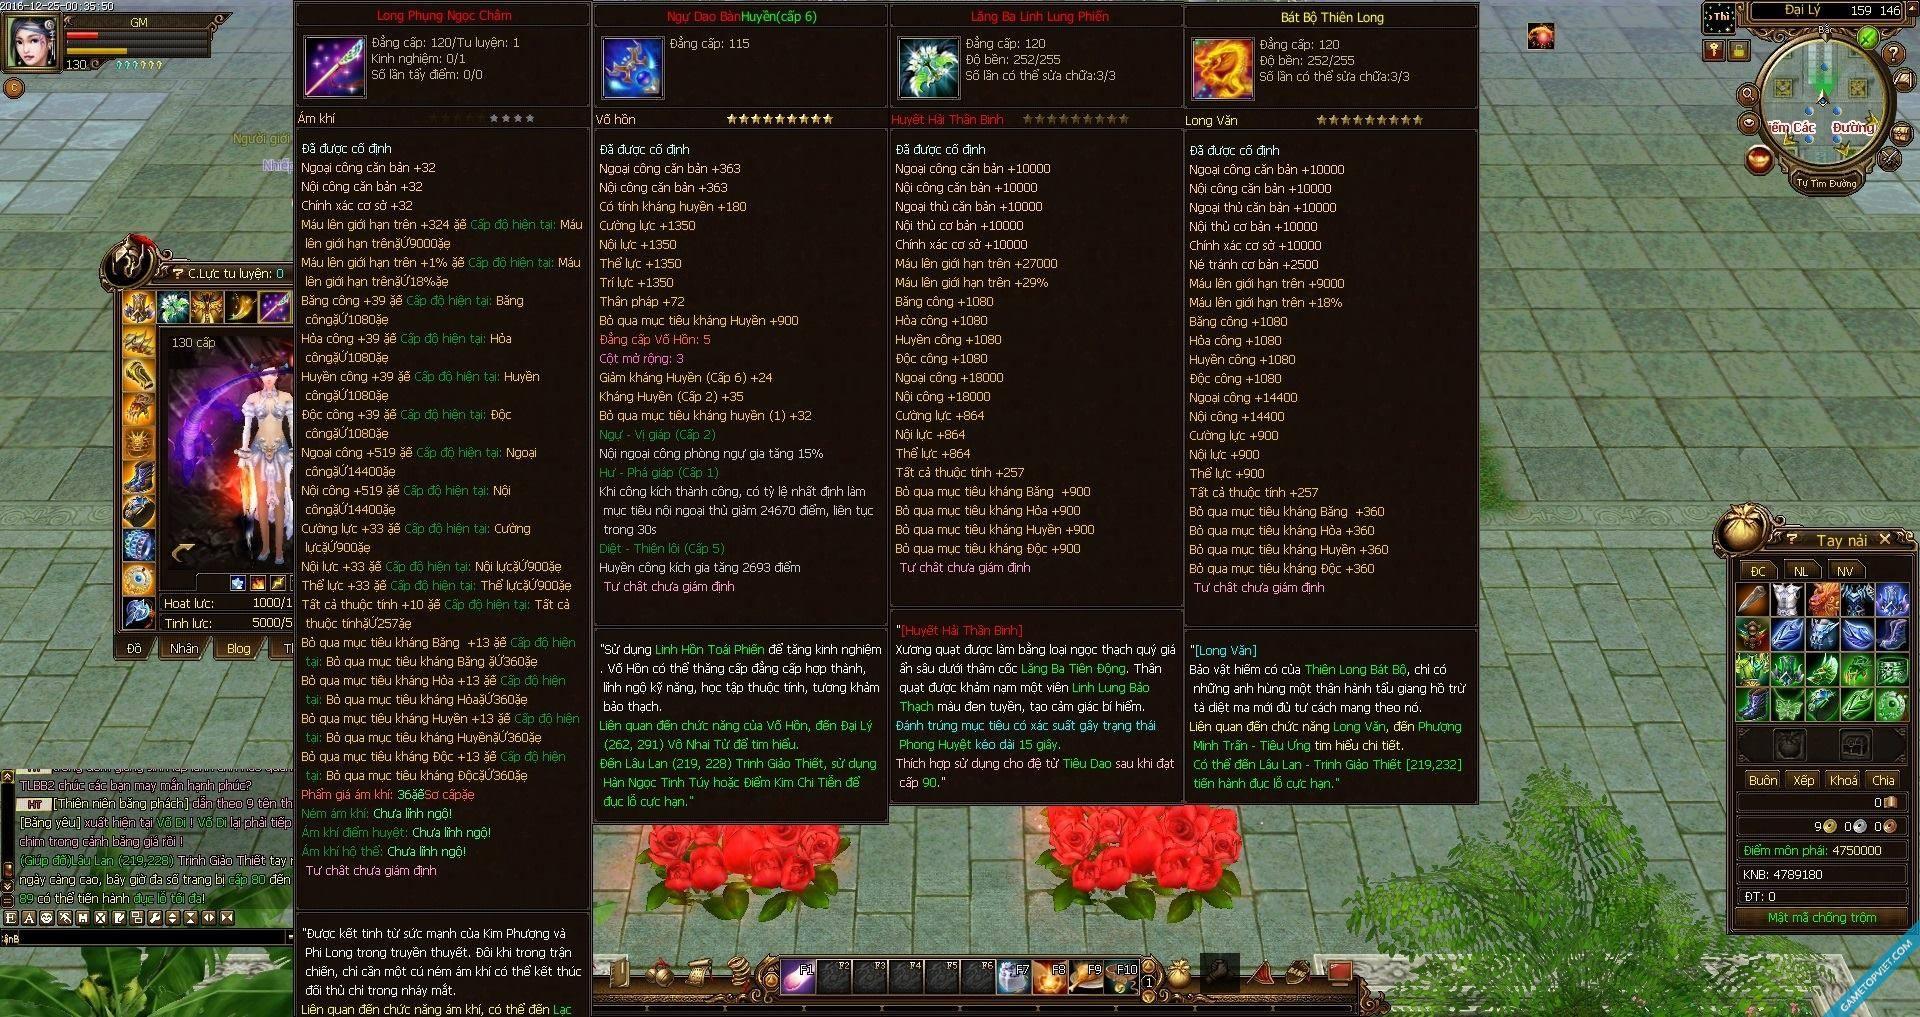 ✅TL THẦN MA - 3.0 CHUYỂN SiNH - OPEN 19H30 TỐI T7 25/8 - CHỐNG BUG HACK , SV KO GIẬT LAG -  NGHgnP